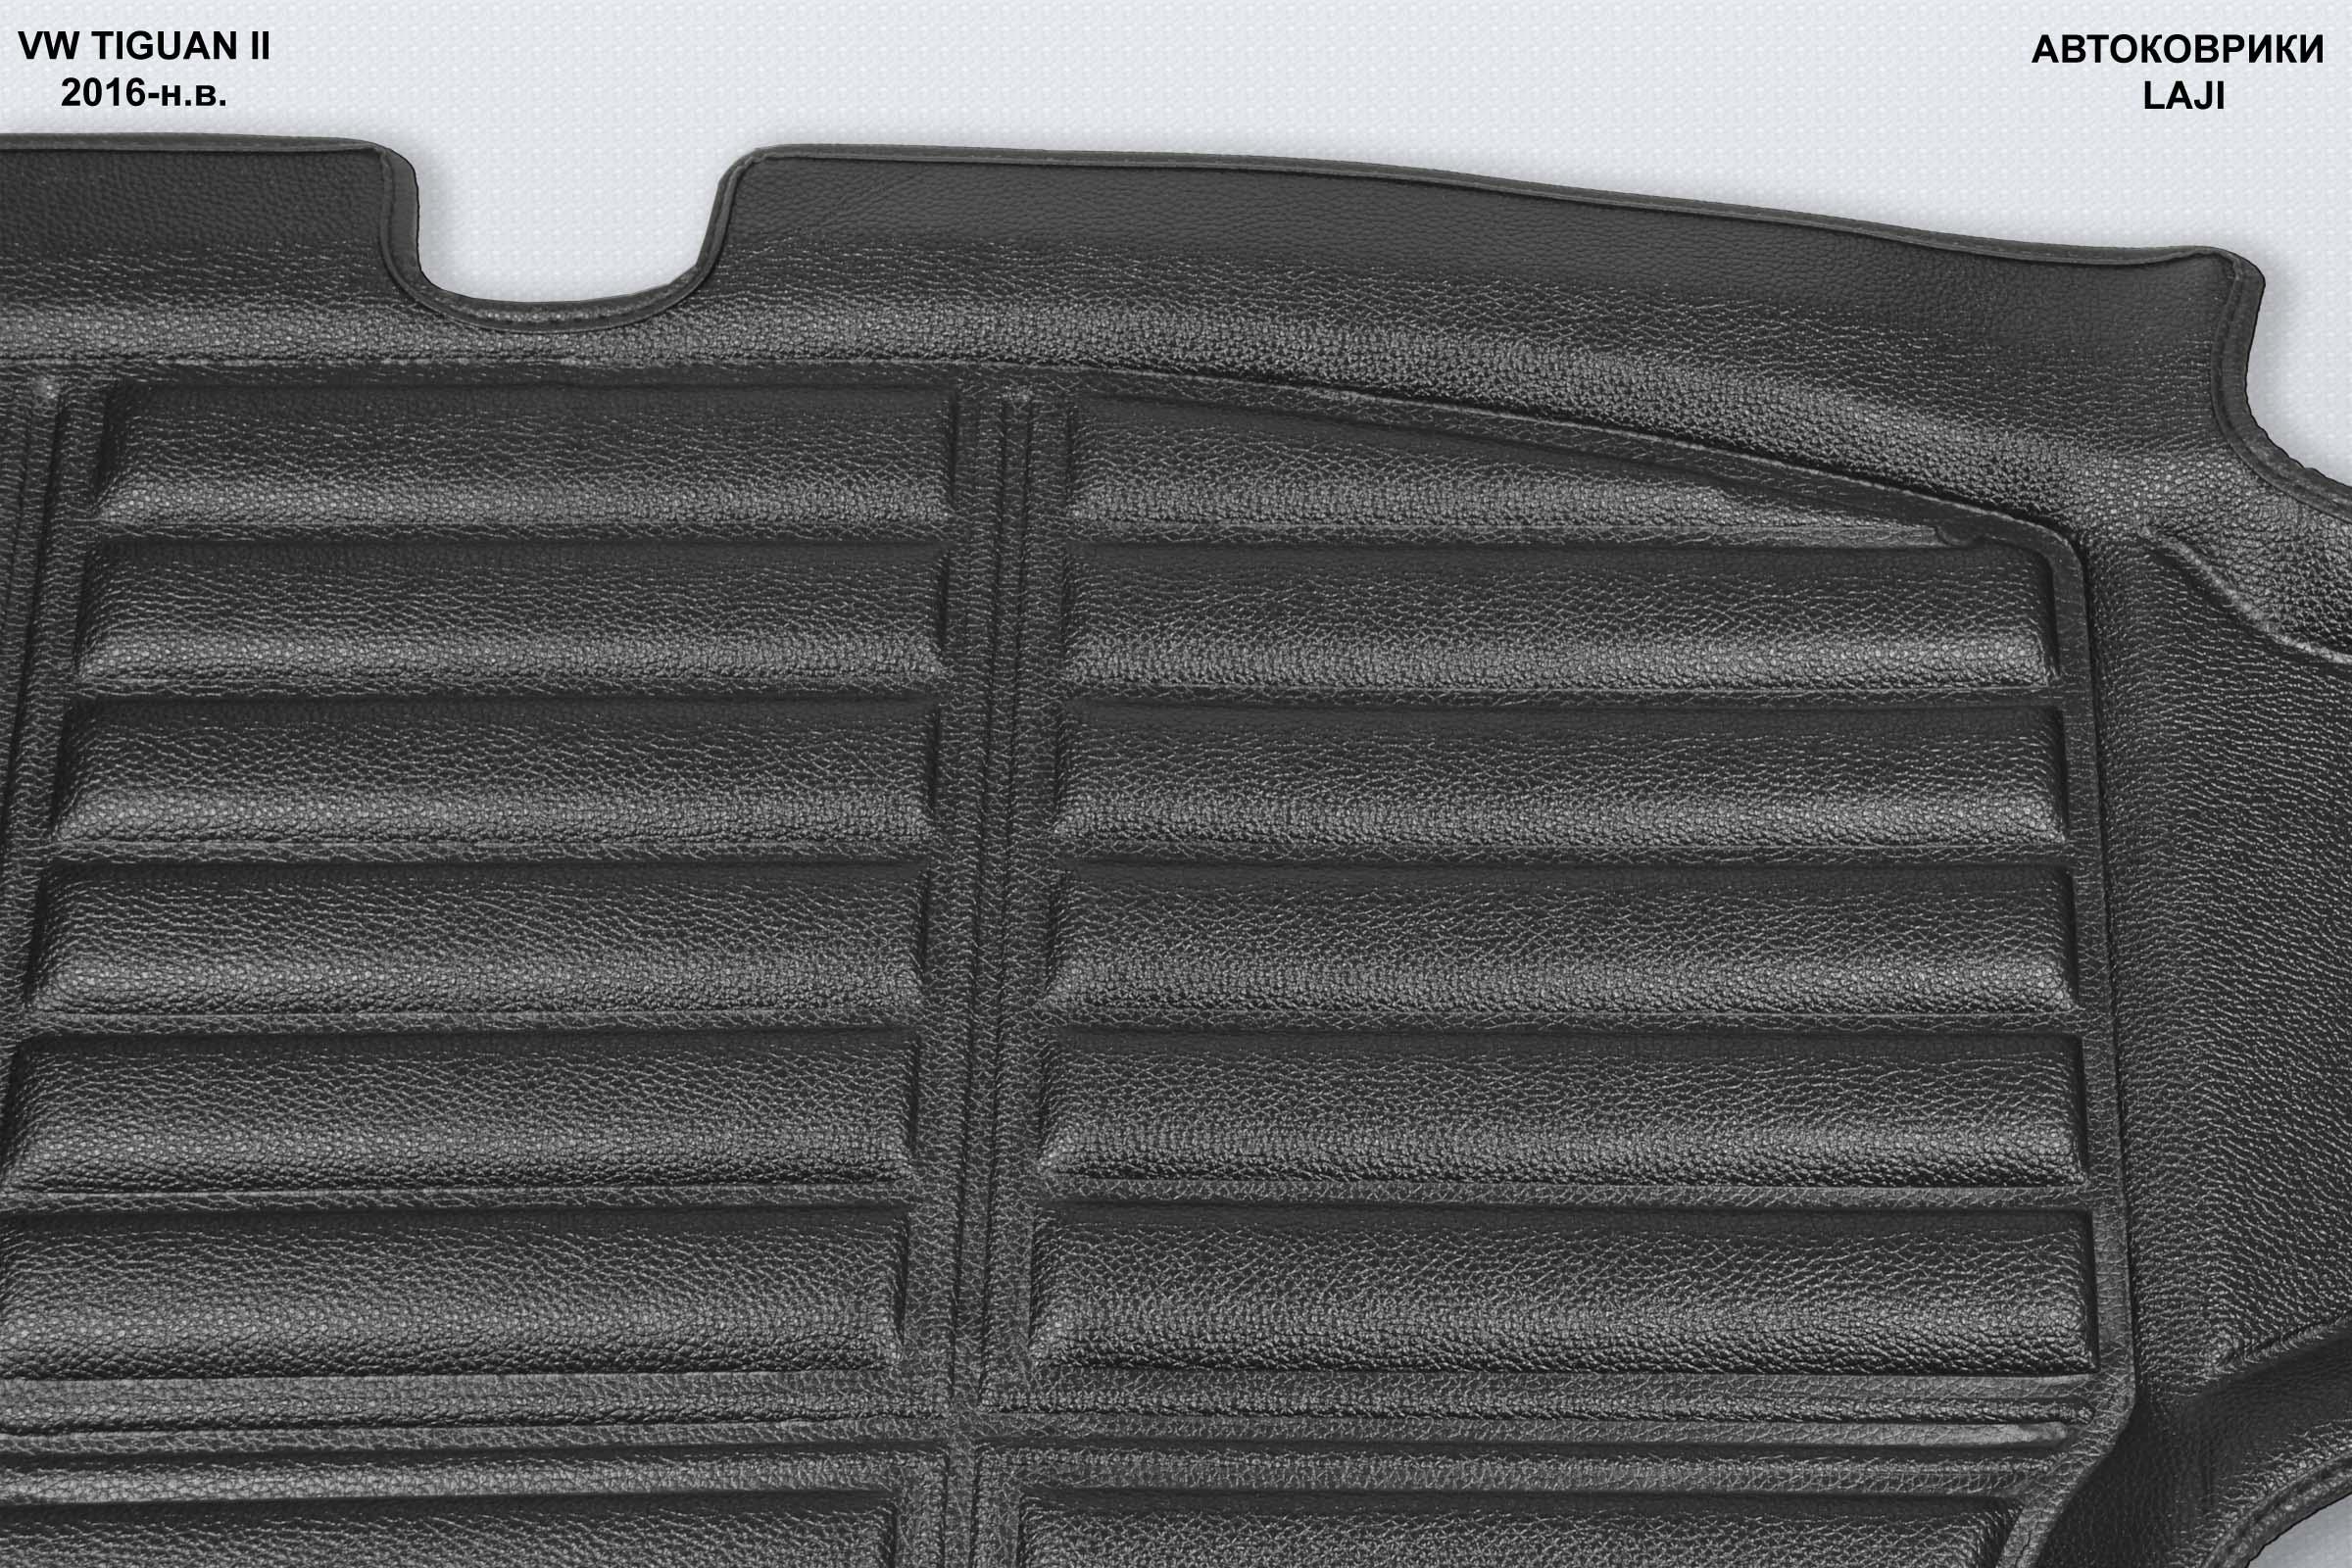 3D коврик в багажник Volkswagen Tiguan 2 2016-н.в. 3